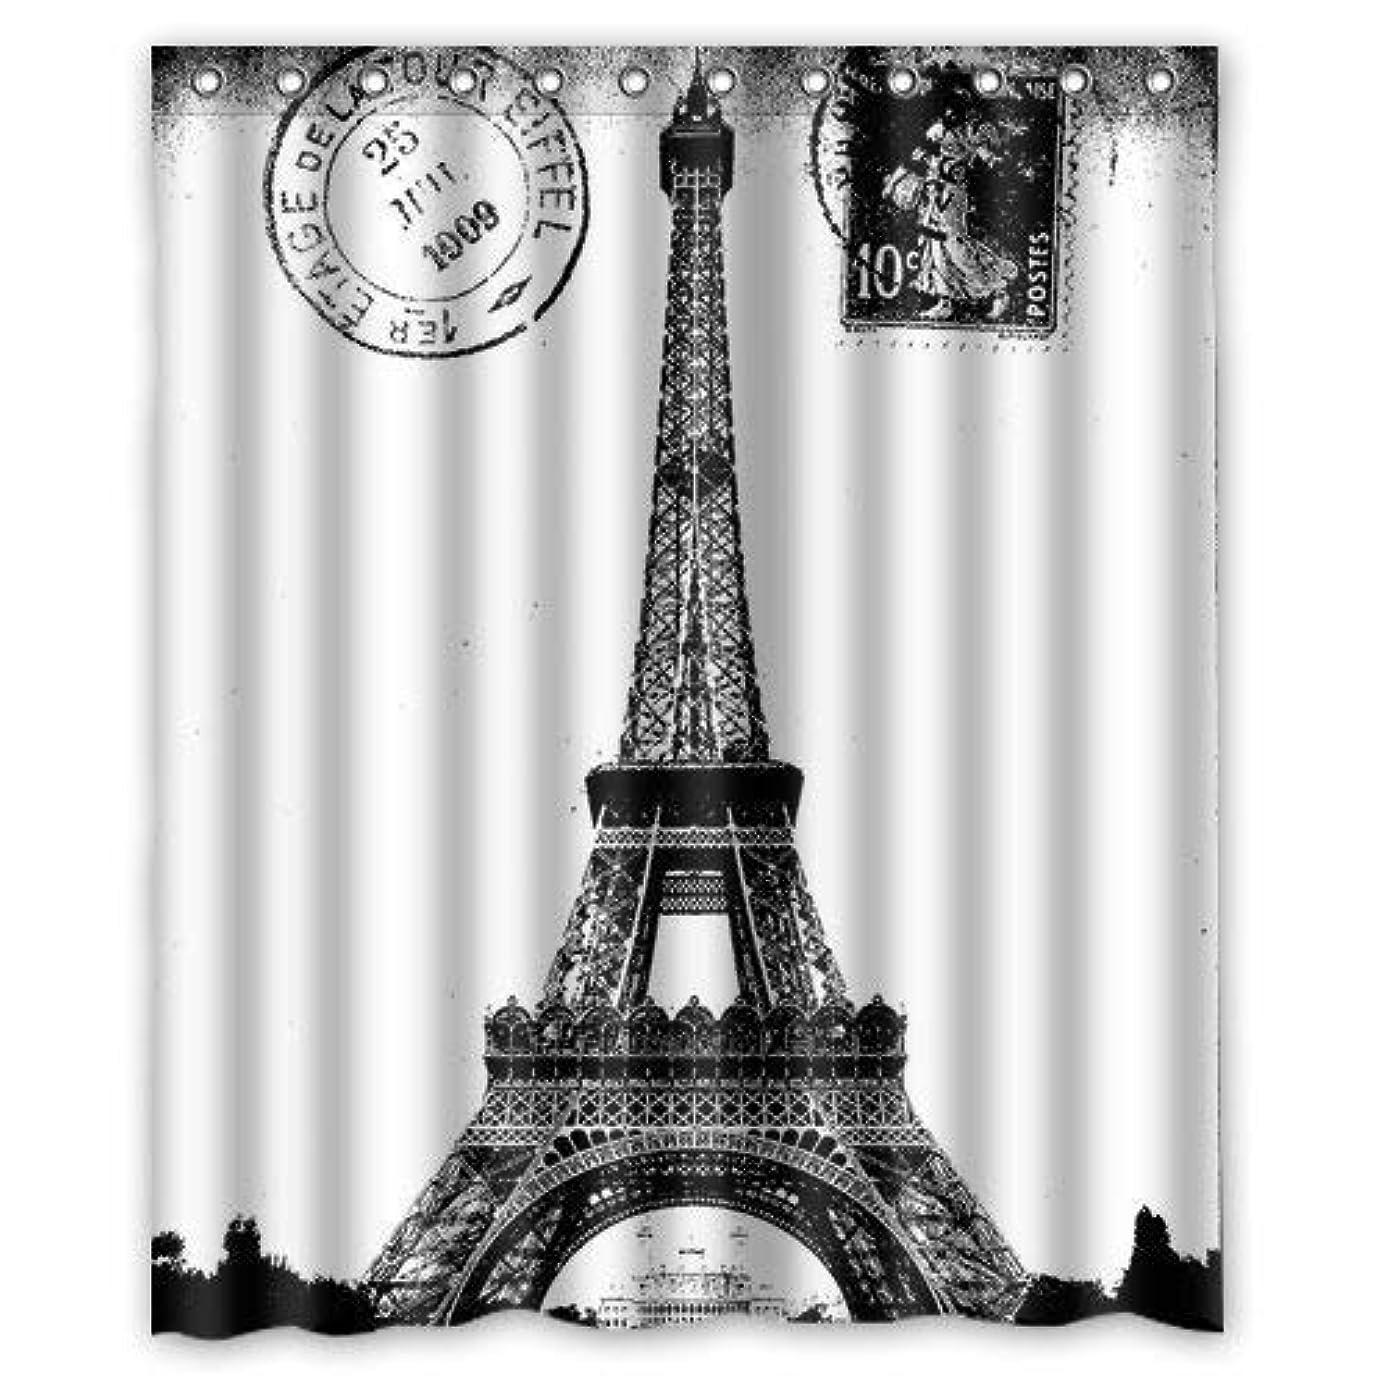 国歌効率的貨物シャワーカーテン バスカーテン 防カビ おしゃれ 120x180cm Custom Frech Paris Eiffel Tower City of Love